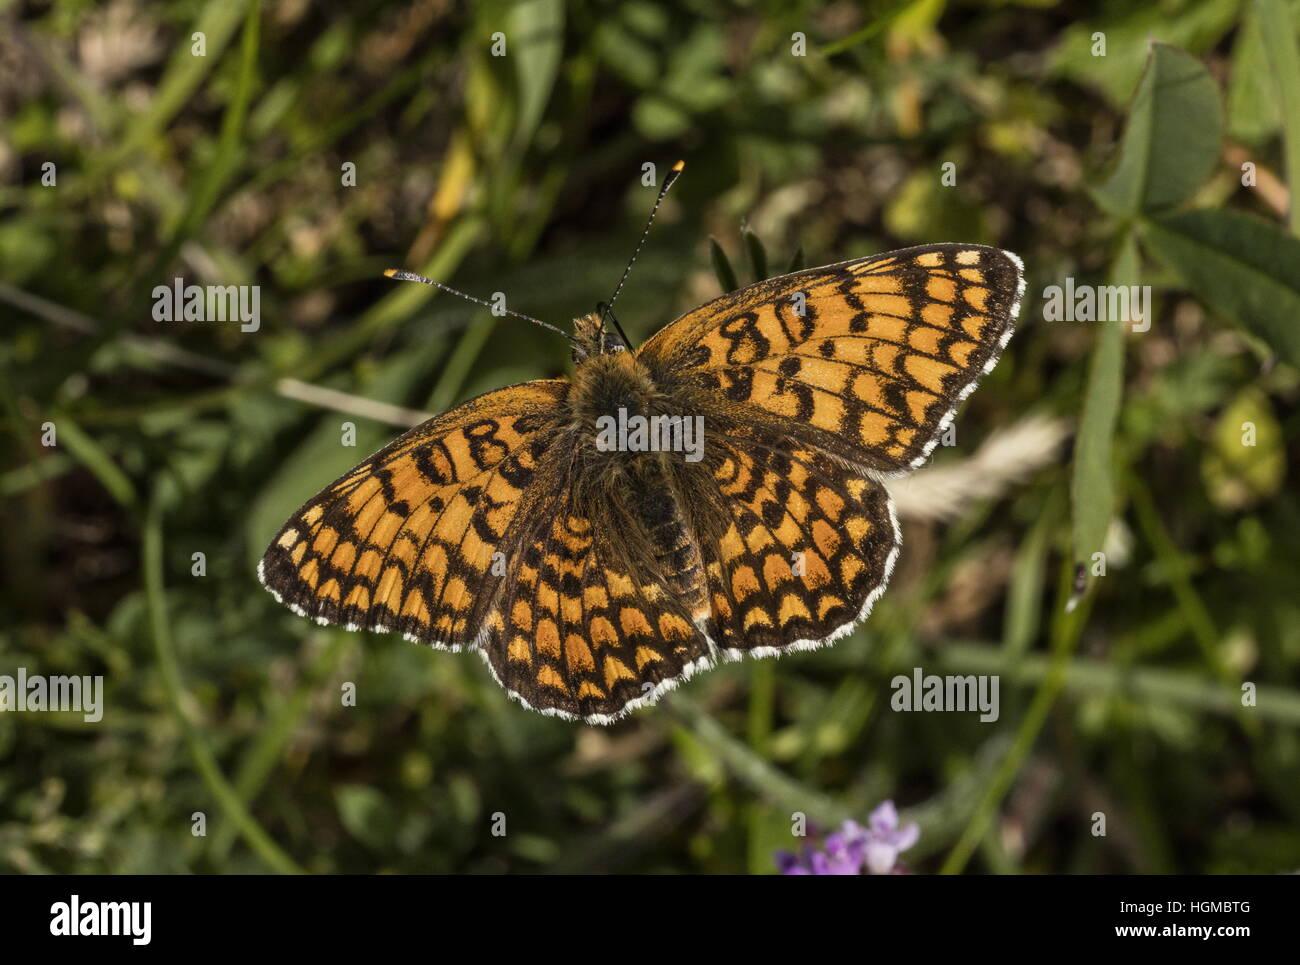 Knapweed Fritillary, Melitaea phoebe feeding on thyme and other flowers, Hungary. - Stock Image